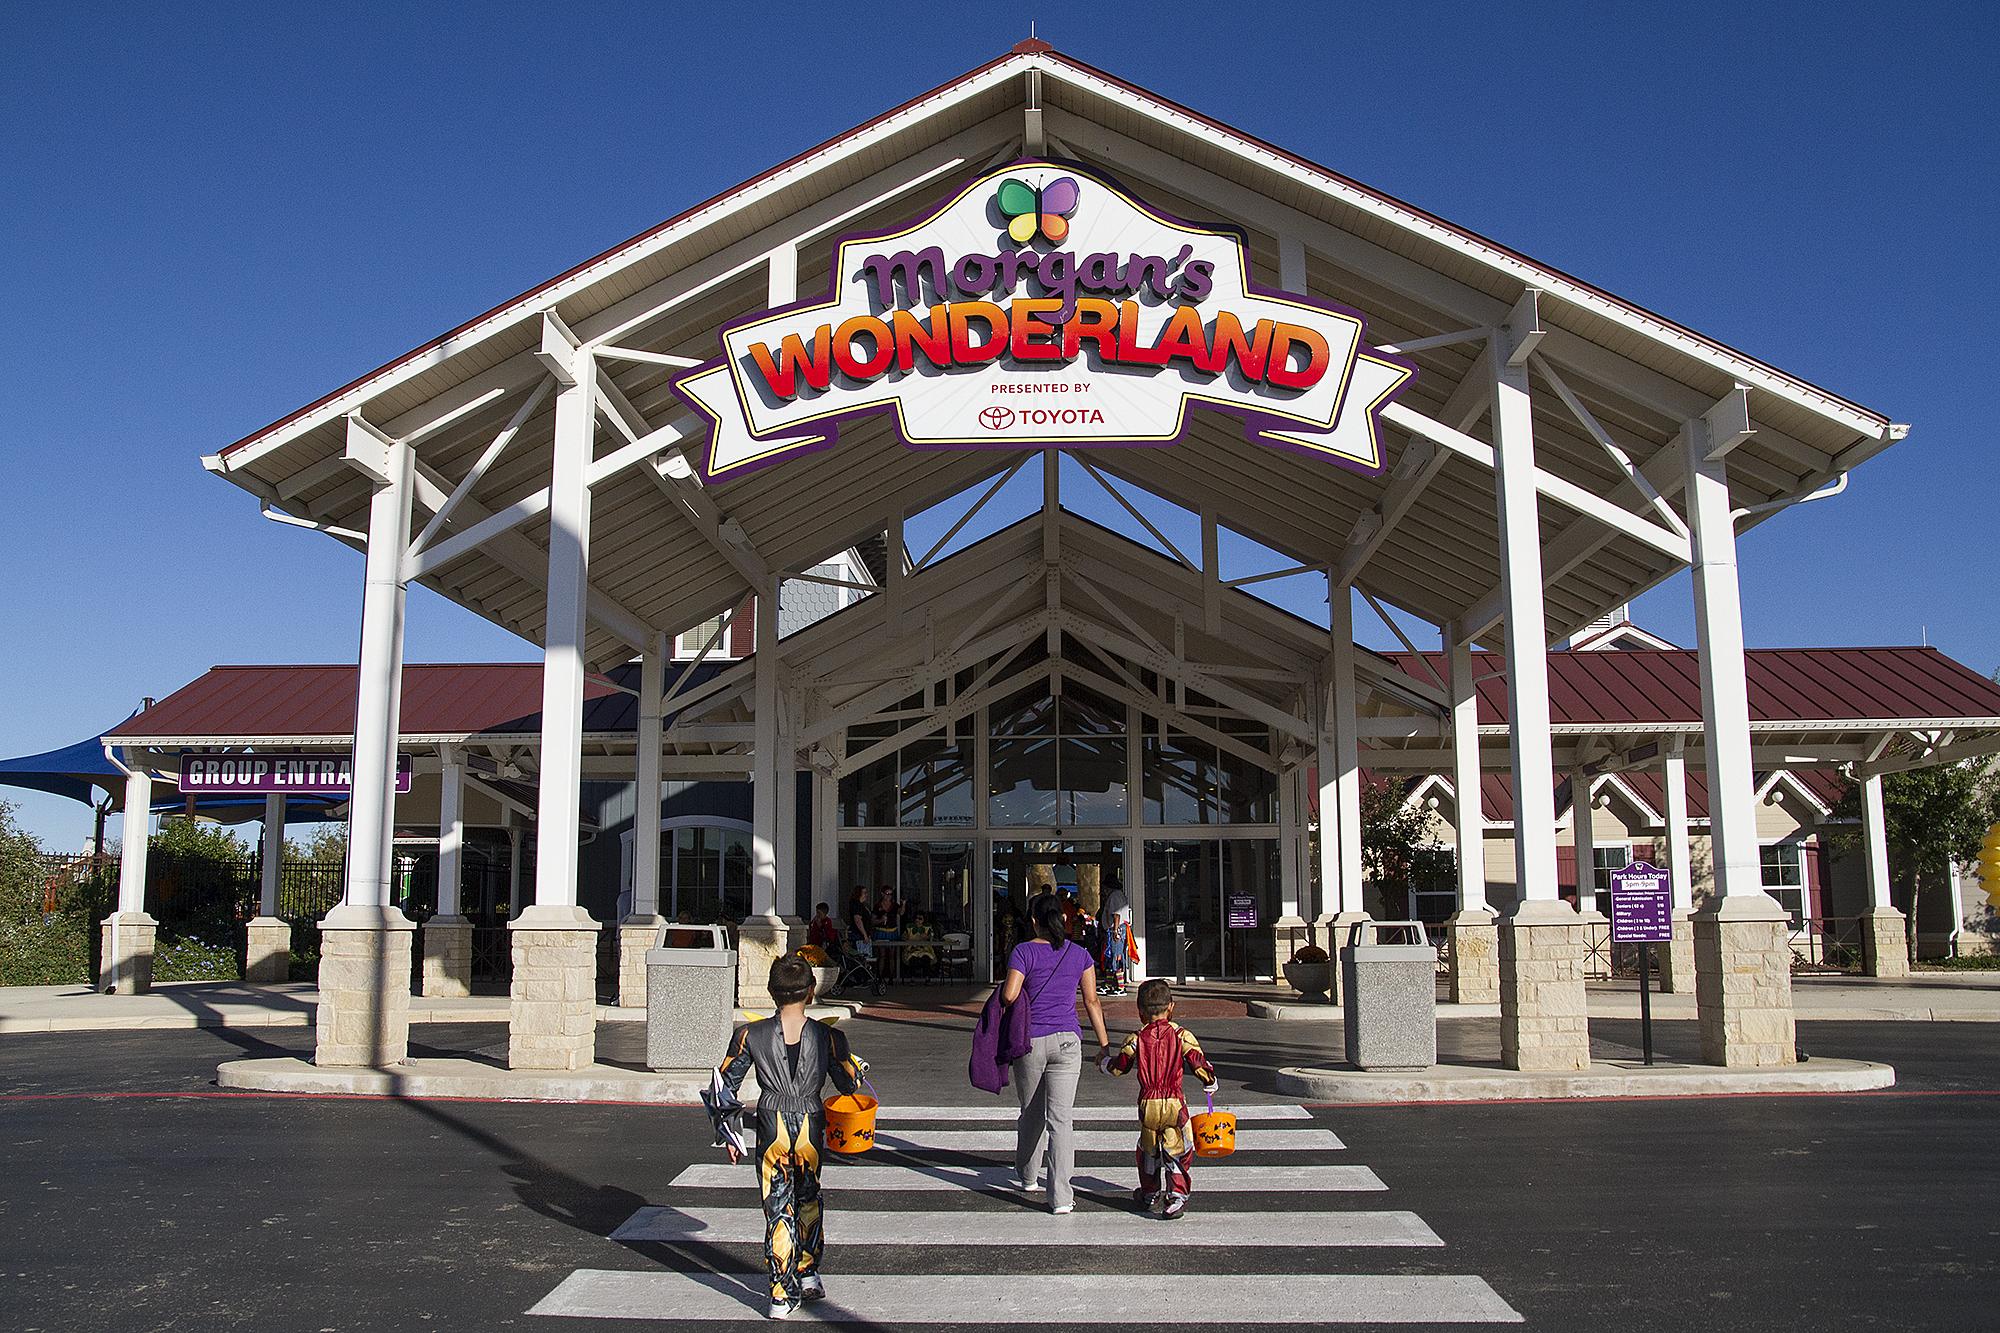 Morgan S Wonderland To Build Water Park In San Antonio